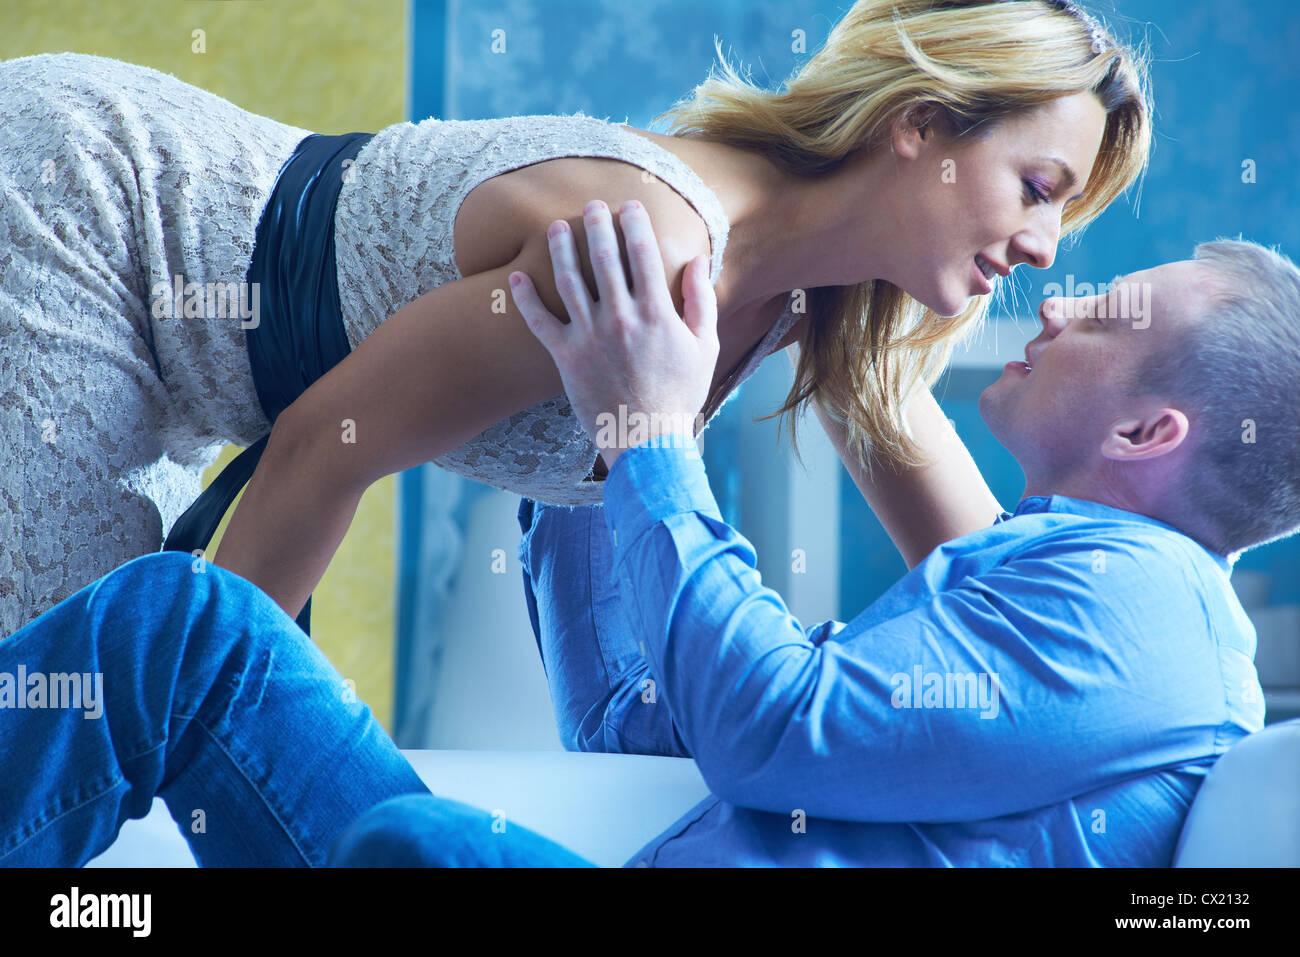 Leidenschaftliche Paare einander betrachten Stockbild